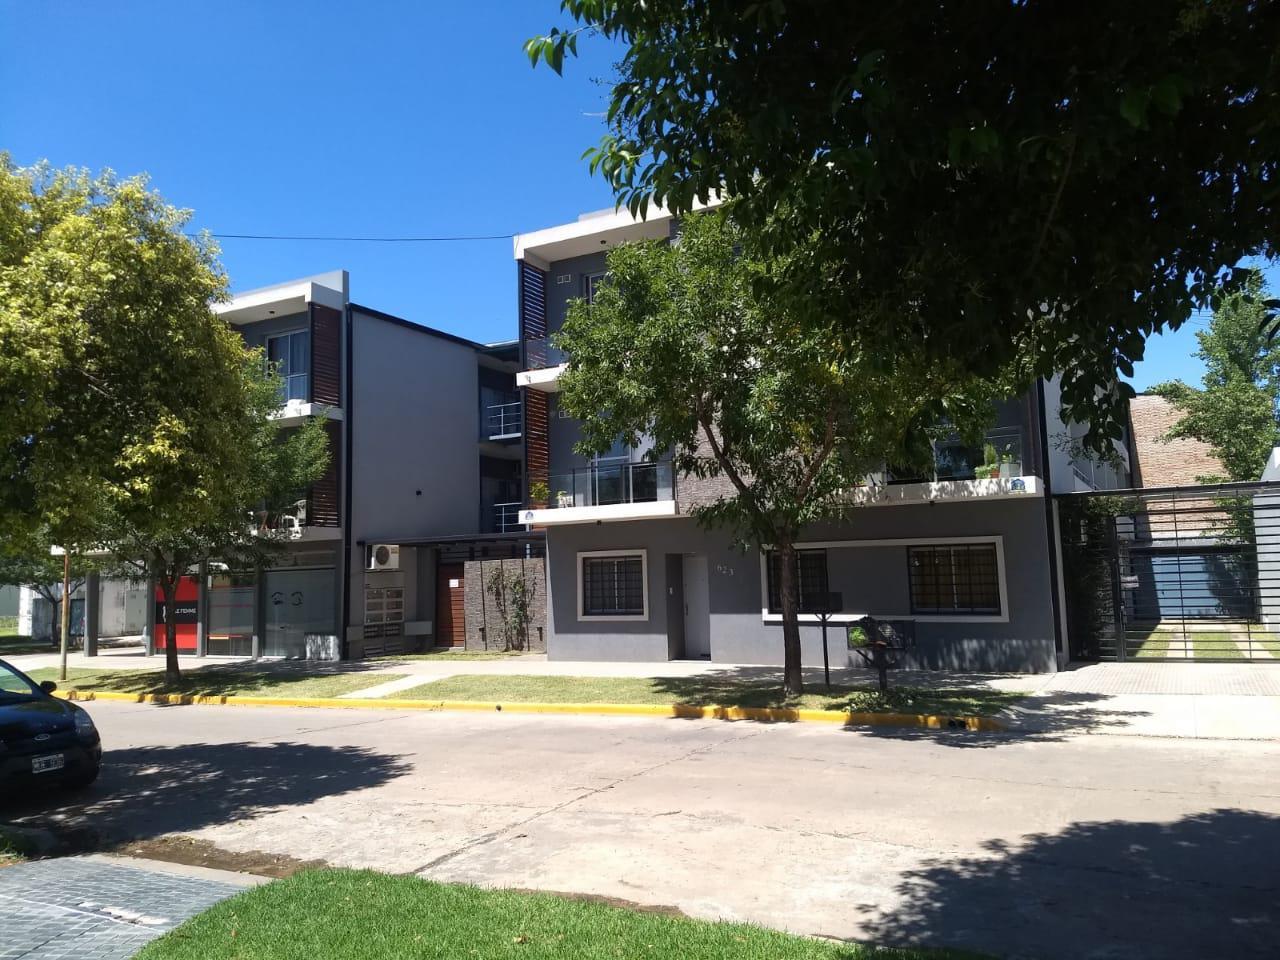 Los Colonos 615 Dpto. 24 - Gaggiotti Inmobiliaria cuenta con más de 50 años desde que se inicio en el negocio de los servicios inmobiliarios.